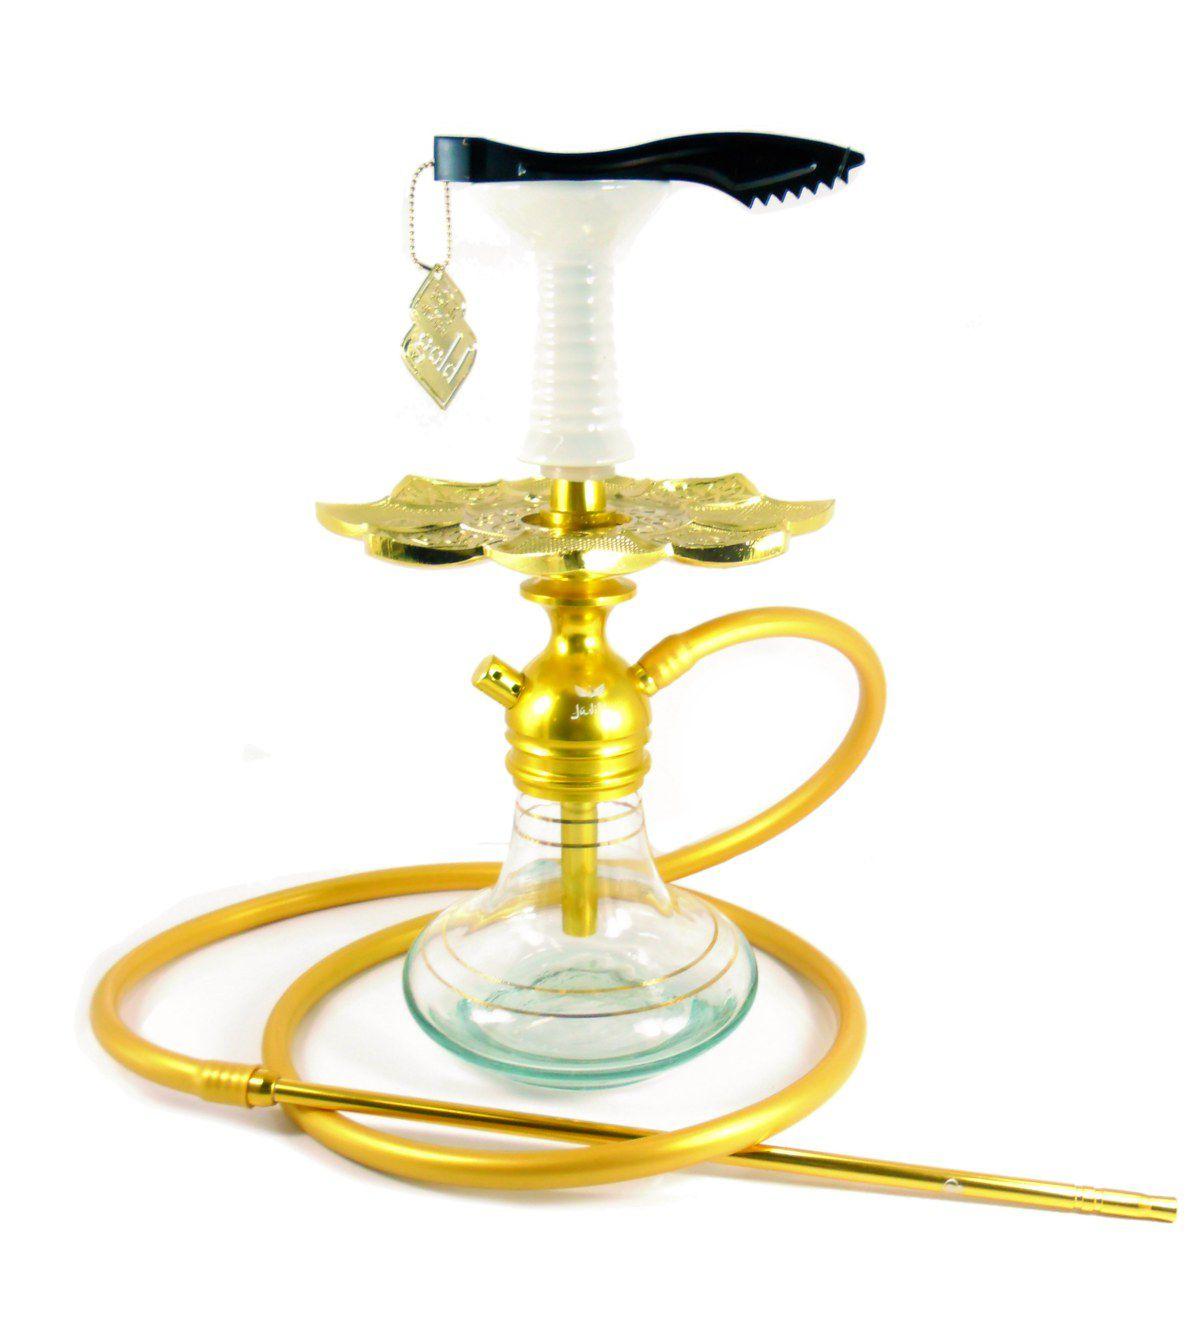 Narguile Judith DOURADO, vaso Aladin, mangueira silicone, piteira alumínio, prato dourado e rosh.